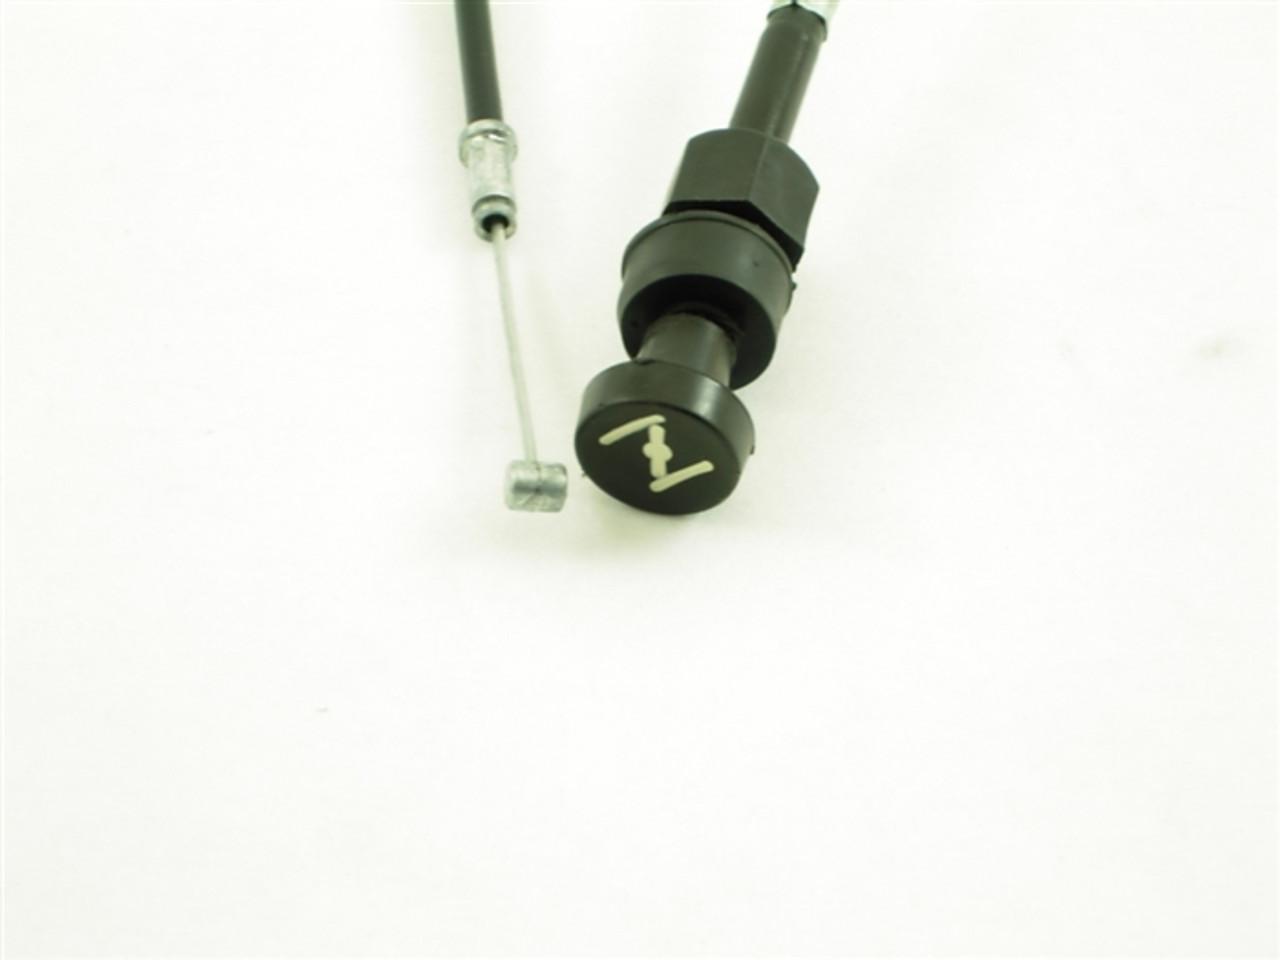 choke cable 12030-a113-14